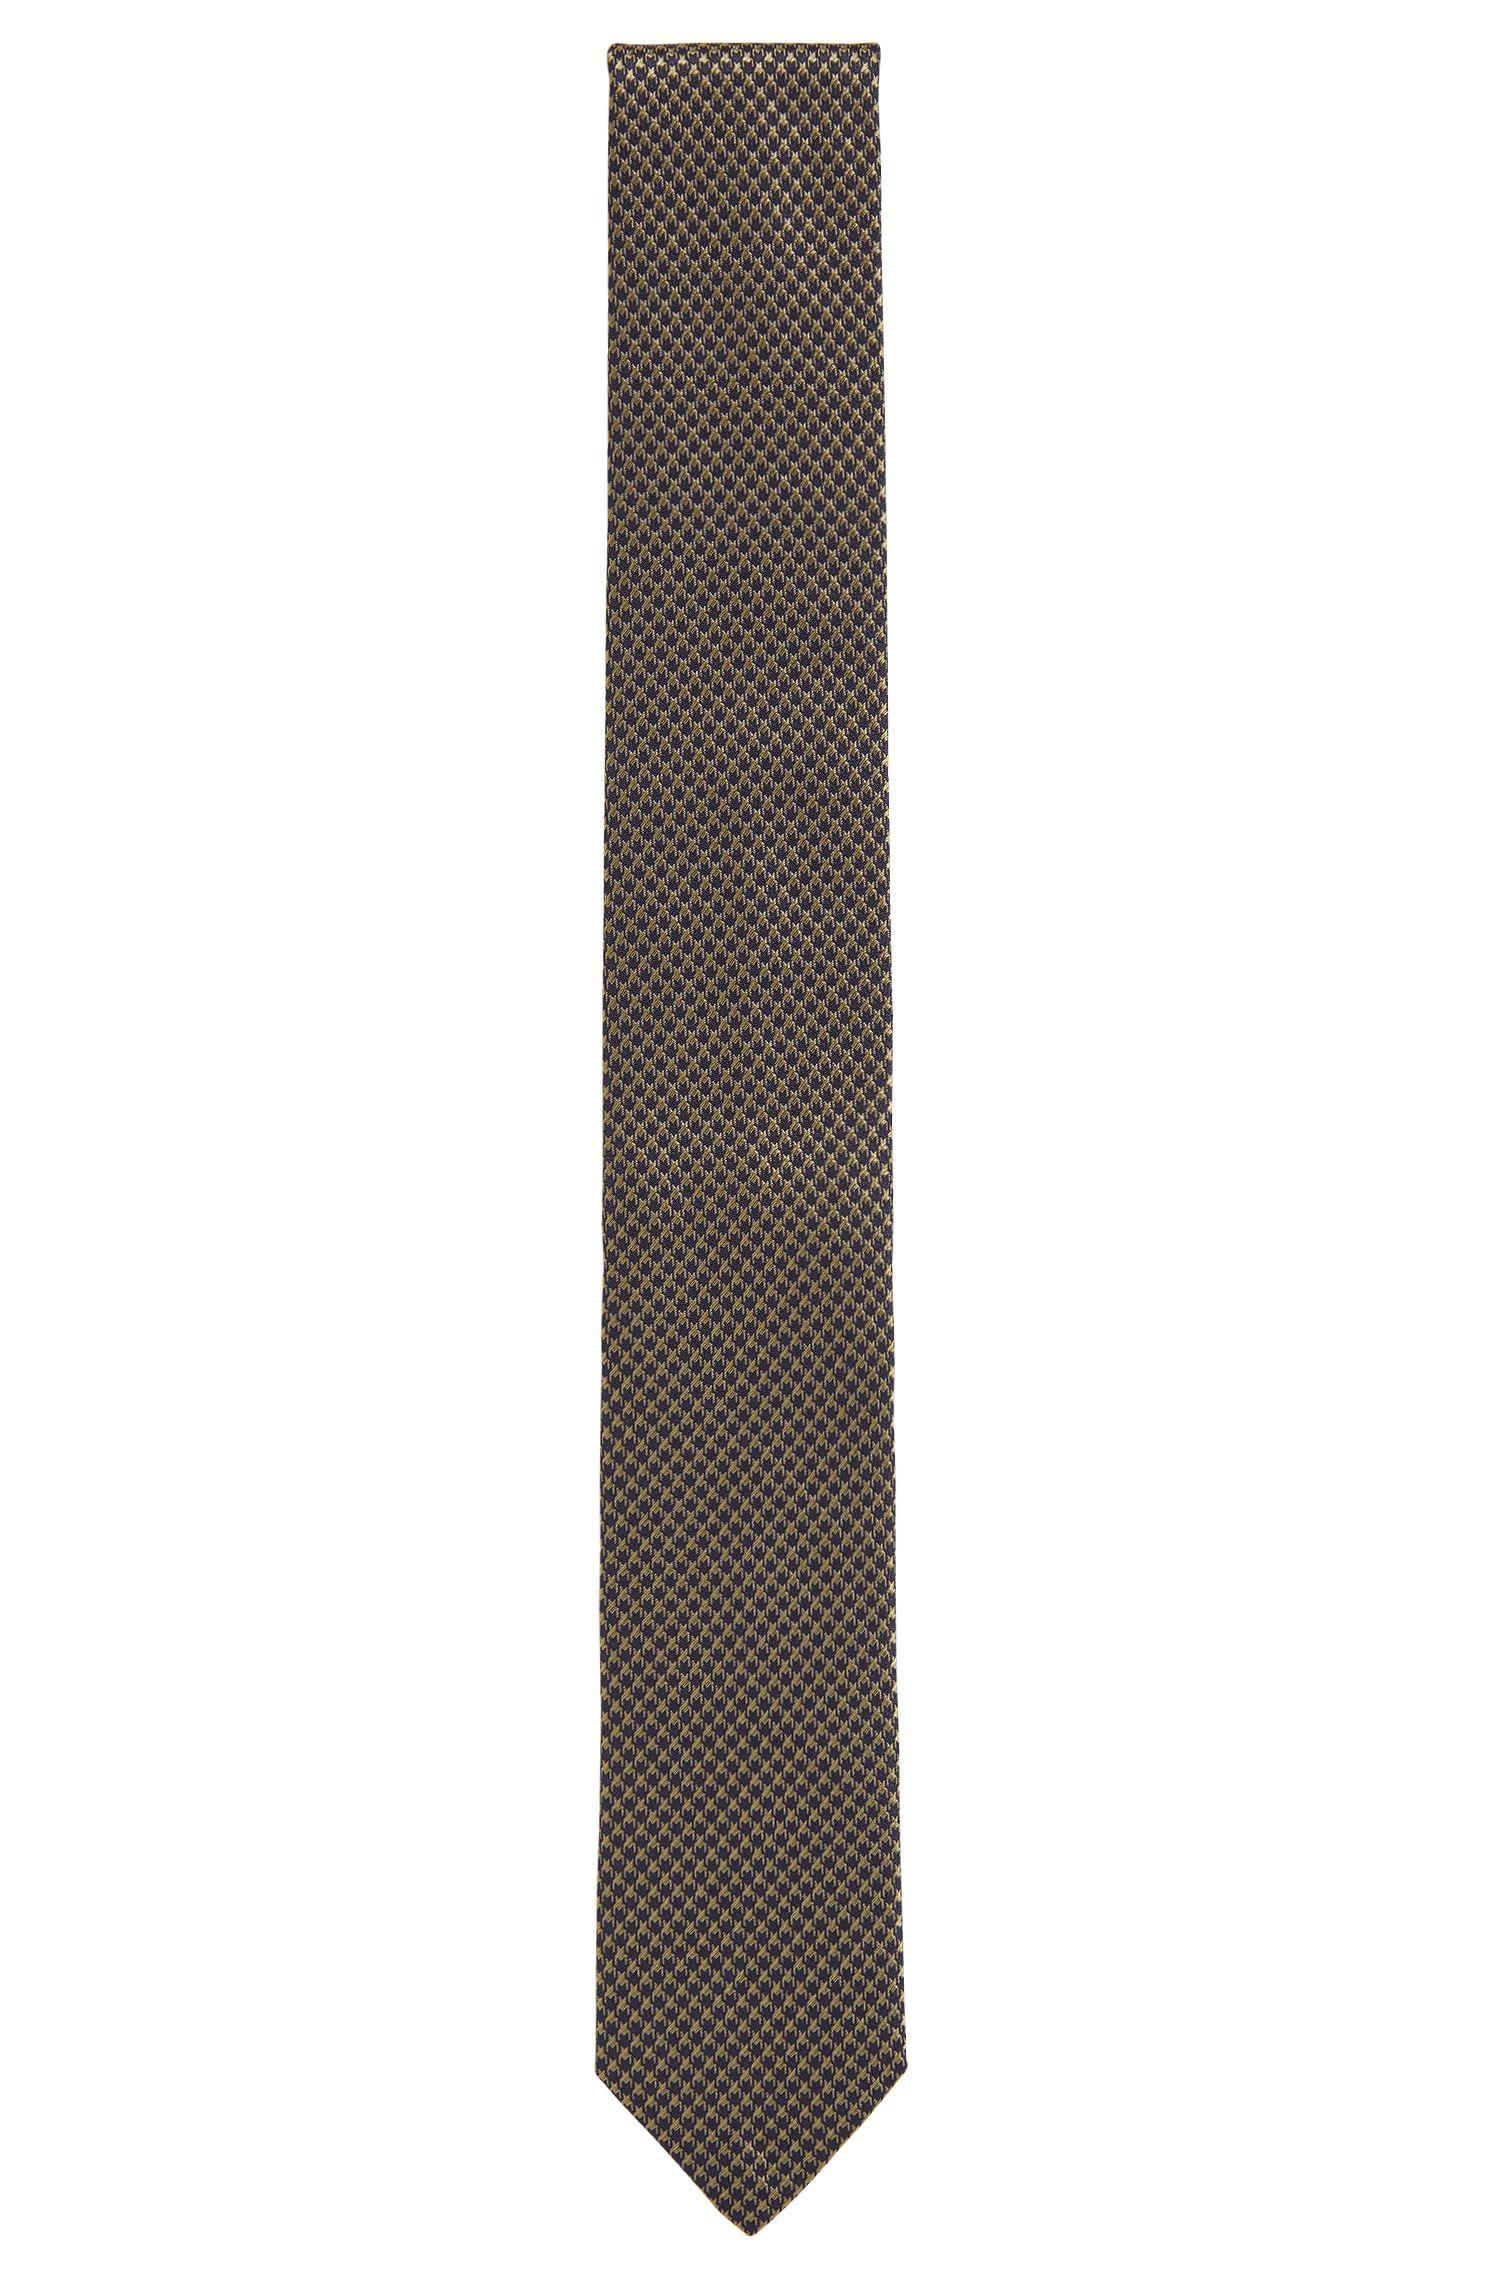 Corbata estampada en pura seda